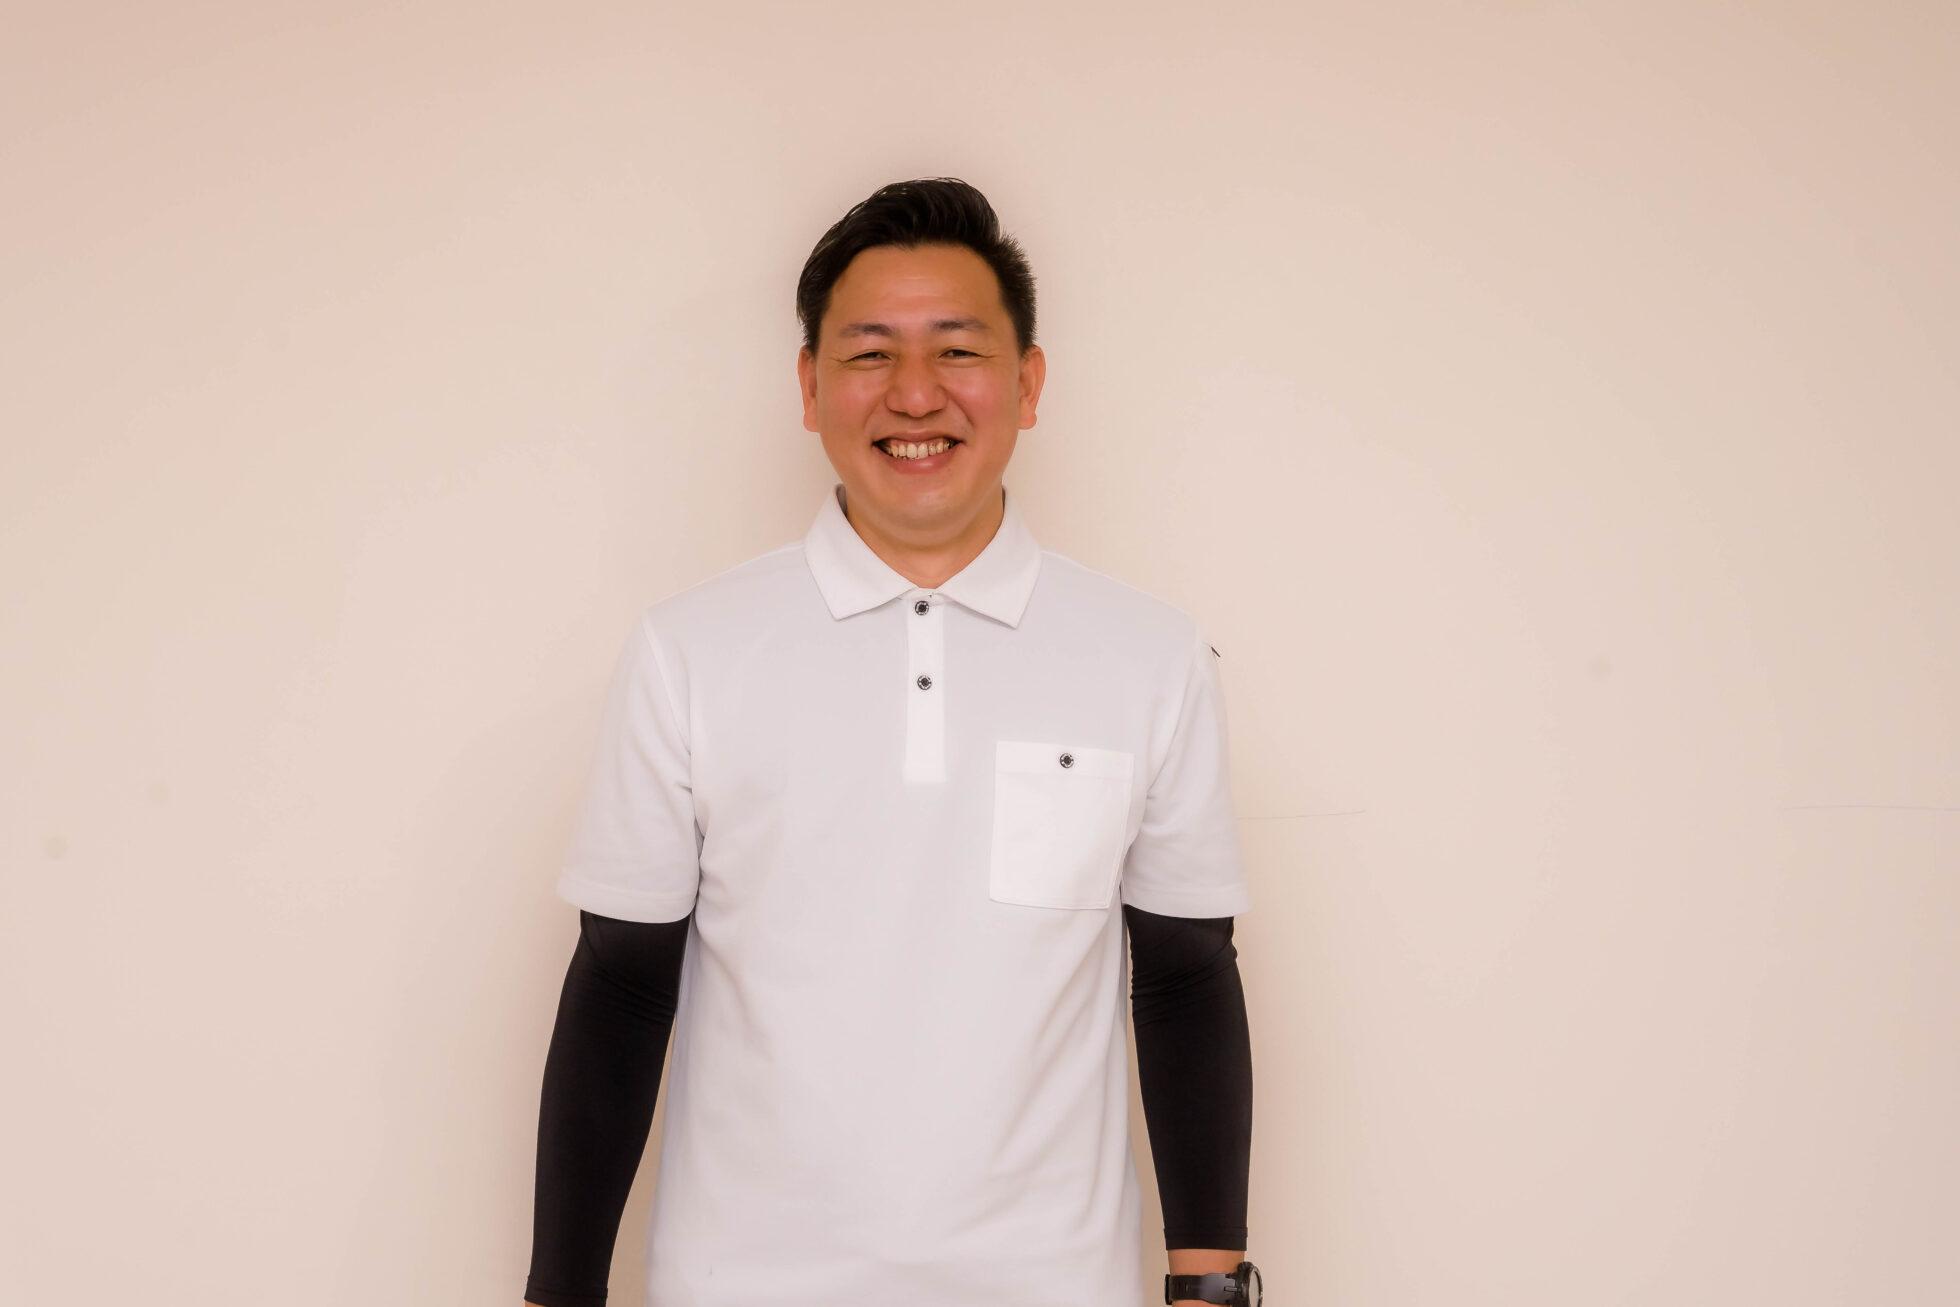 「和田 高志(わだ たかし)」の顔写真